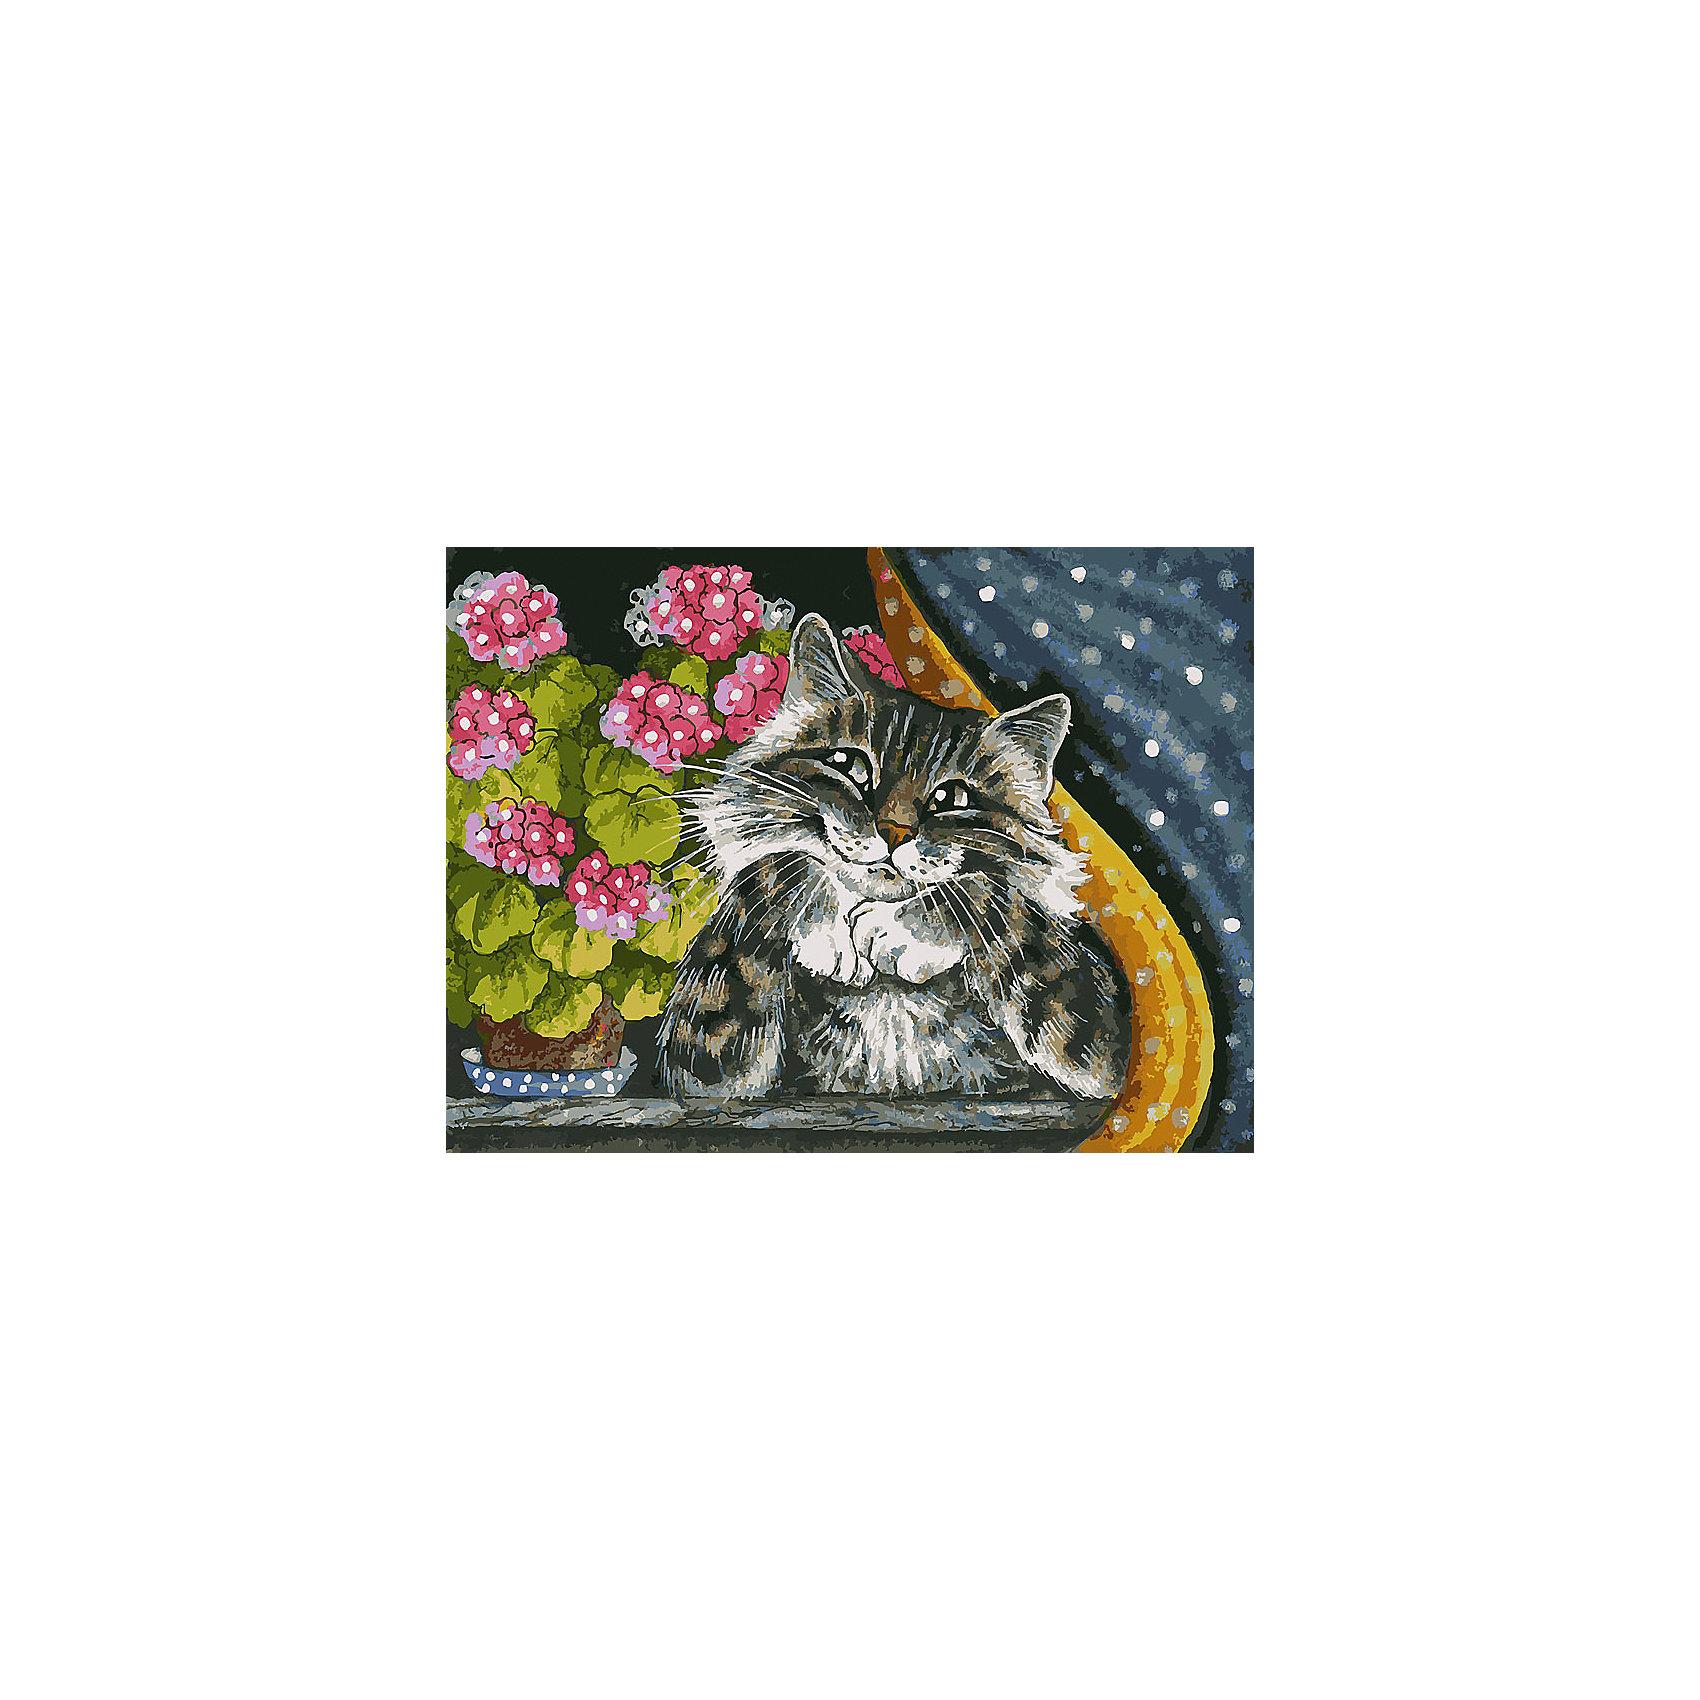 Белоснежка Живопись на холсте 30*40 см На окошке наборы для рисования белоснежка живопись на холсте 30х40 см сова с ключиком 125 as